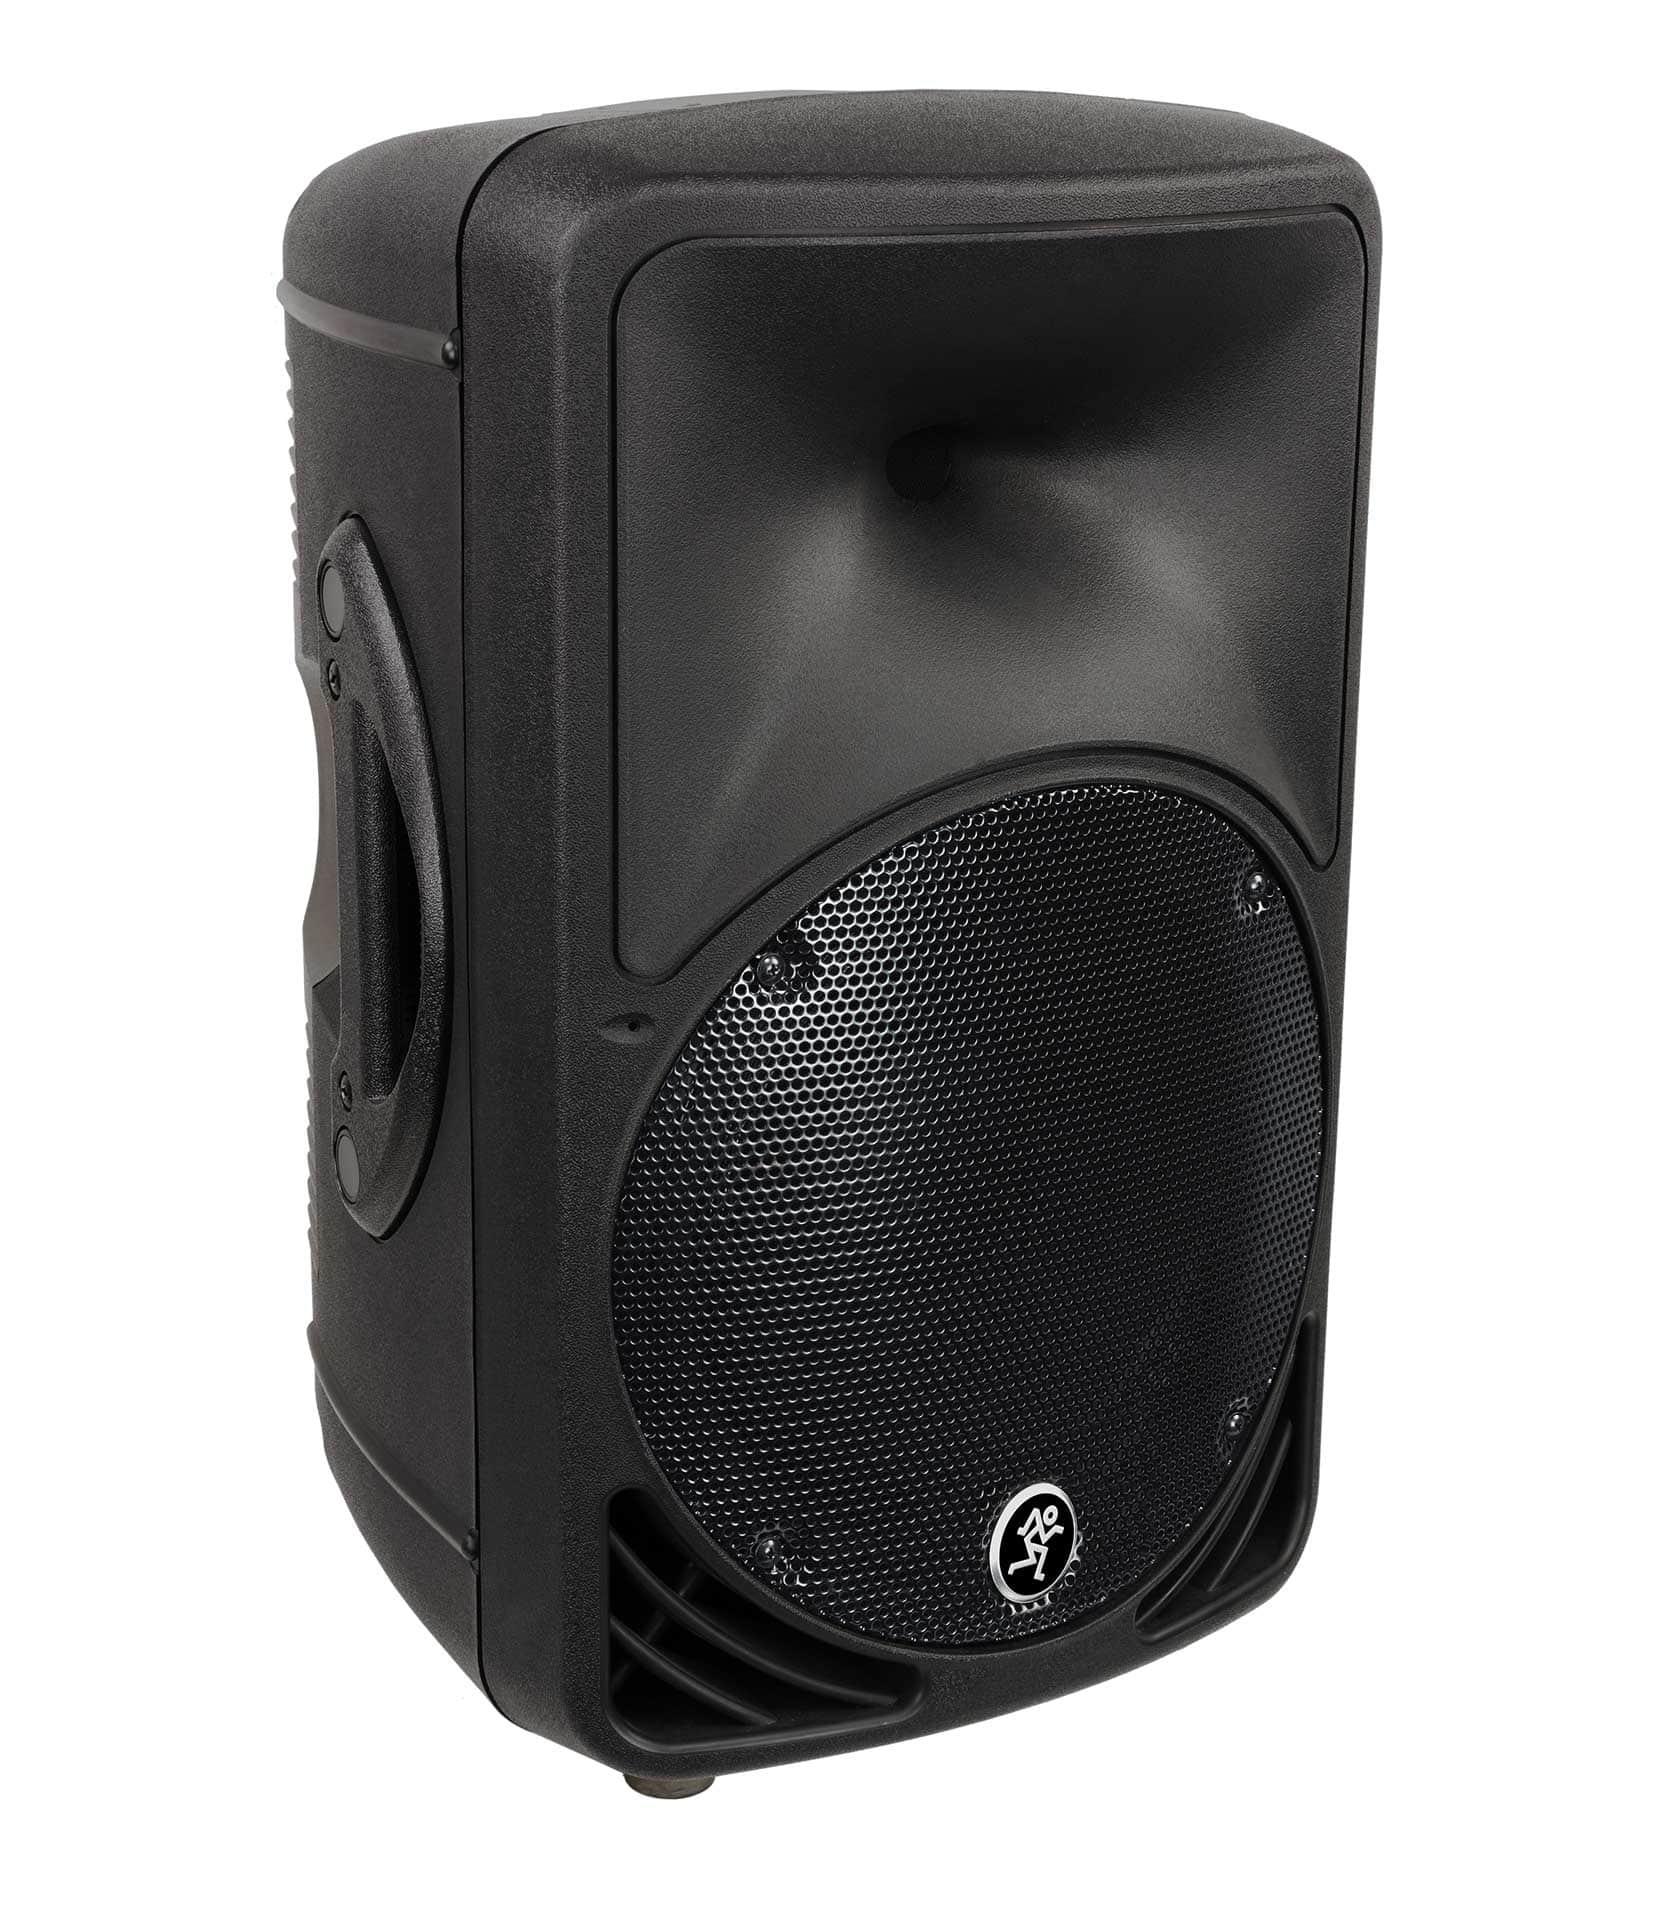 C200 10 2 way Compact Passive SR Loudspeaker - Buy Online